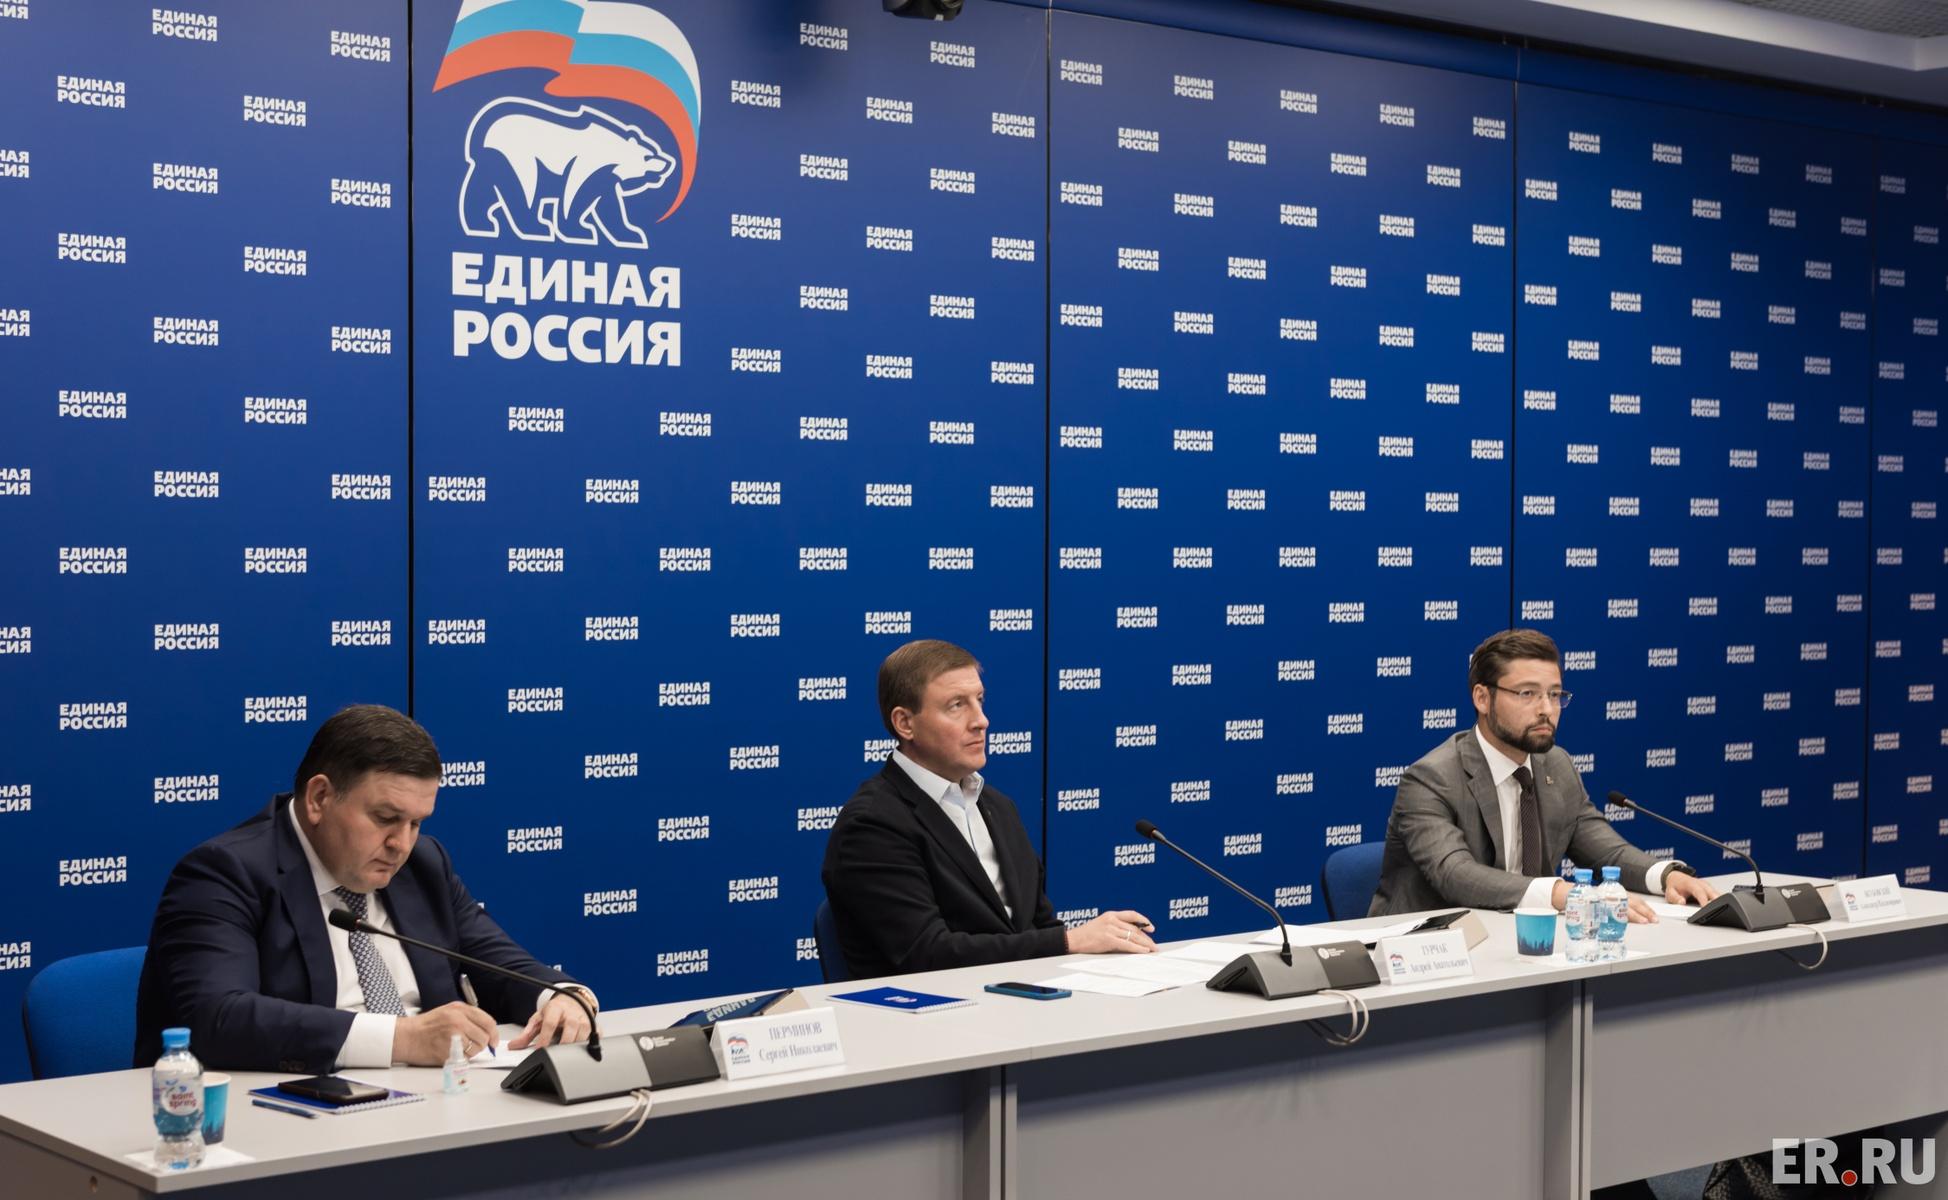 Дмитрий Медведев провел совещание по вопросам развития жилищного строительства и повышения доступности жилья